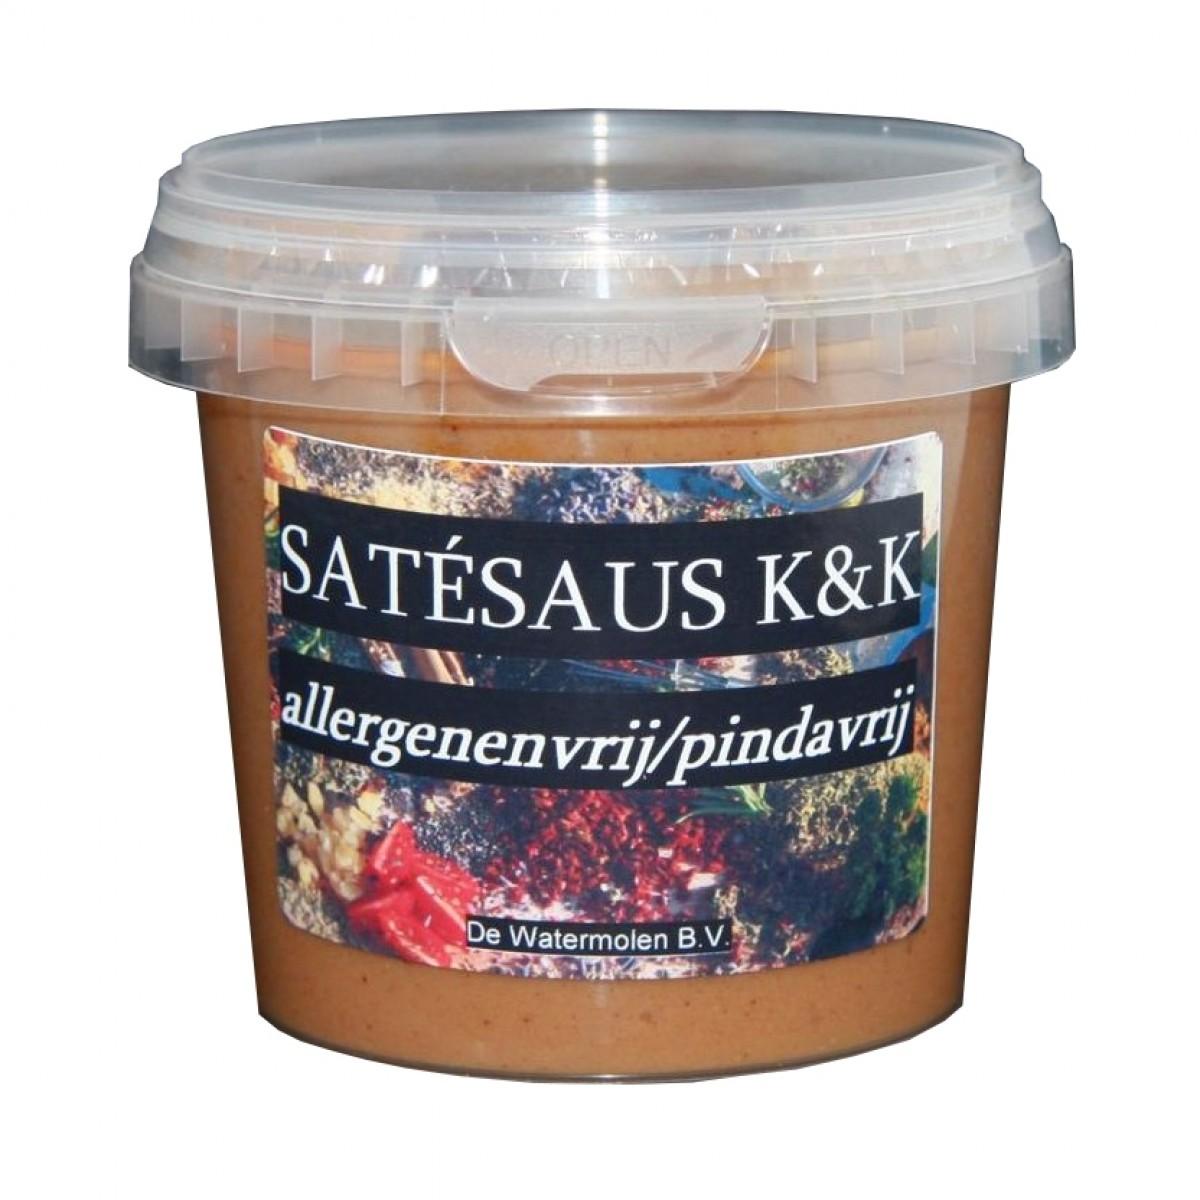 Satesaus Pindavrij Kant & Klaar